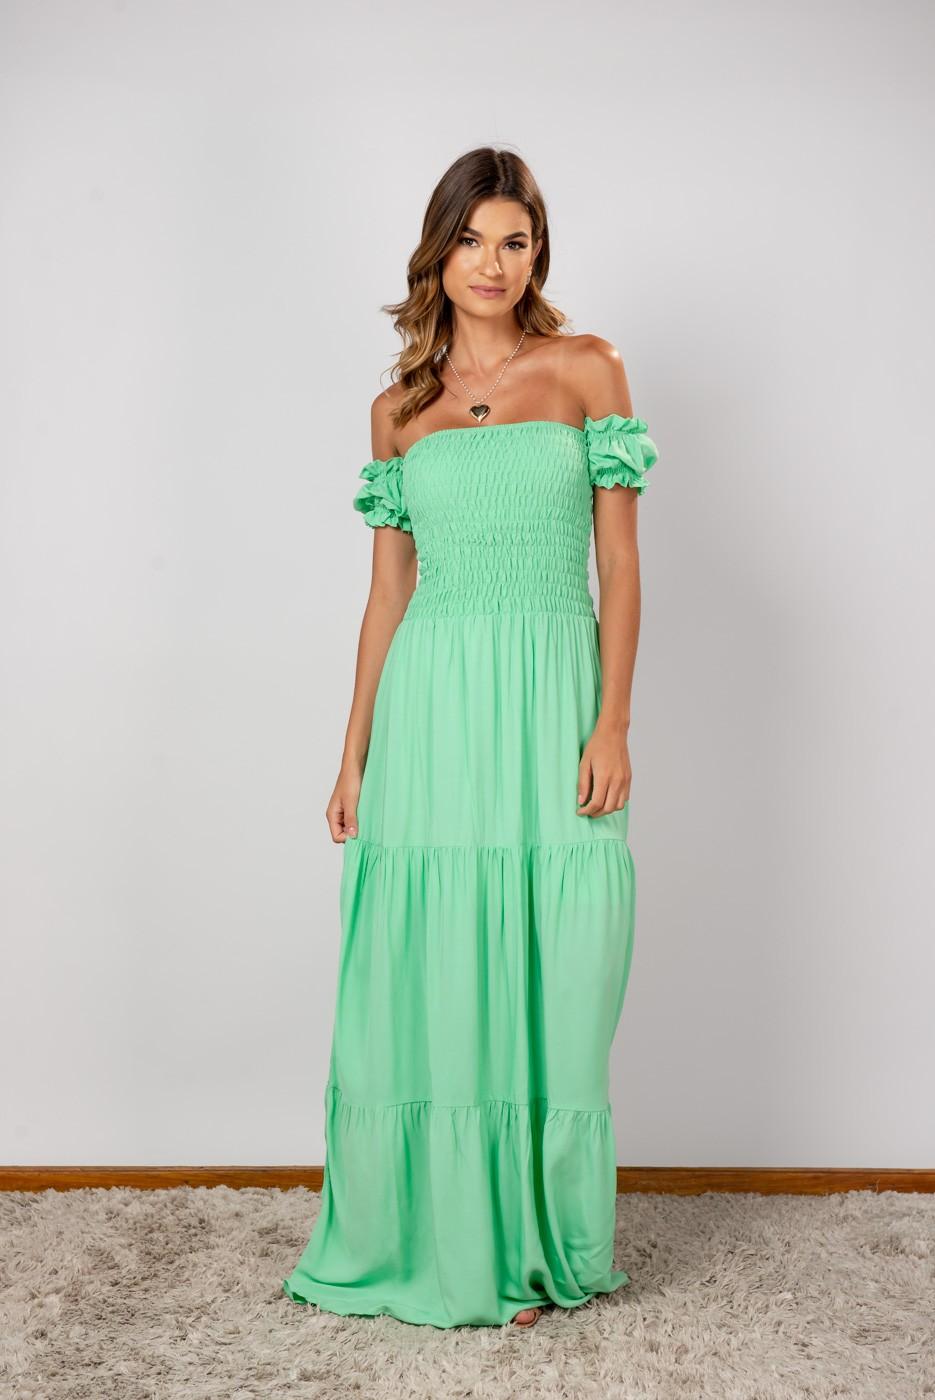 Vestido Lastex Ombro Verde